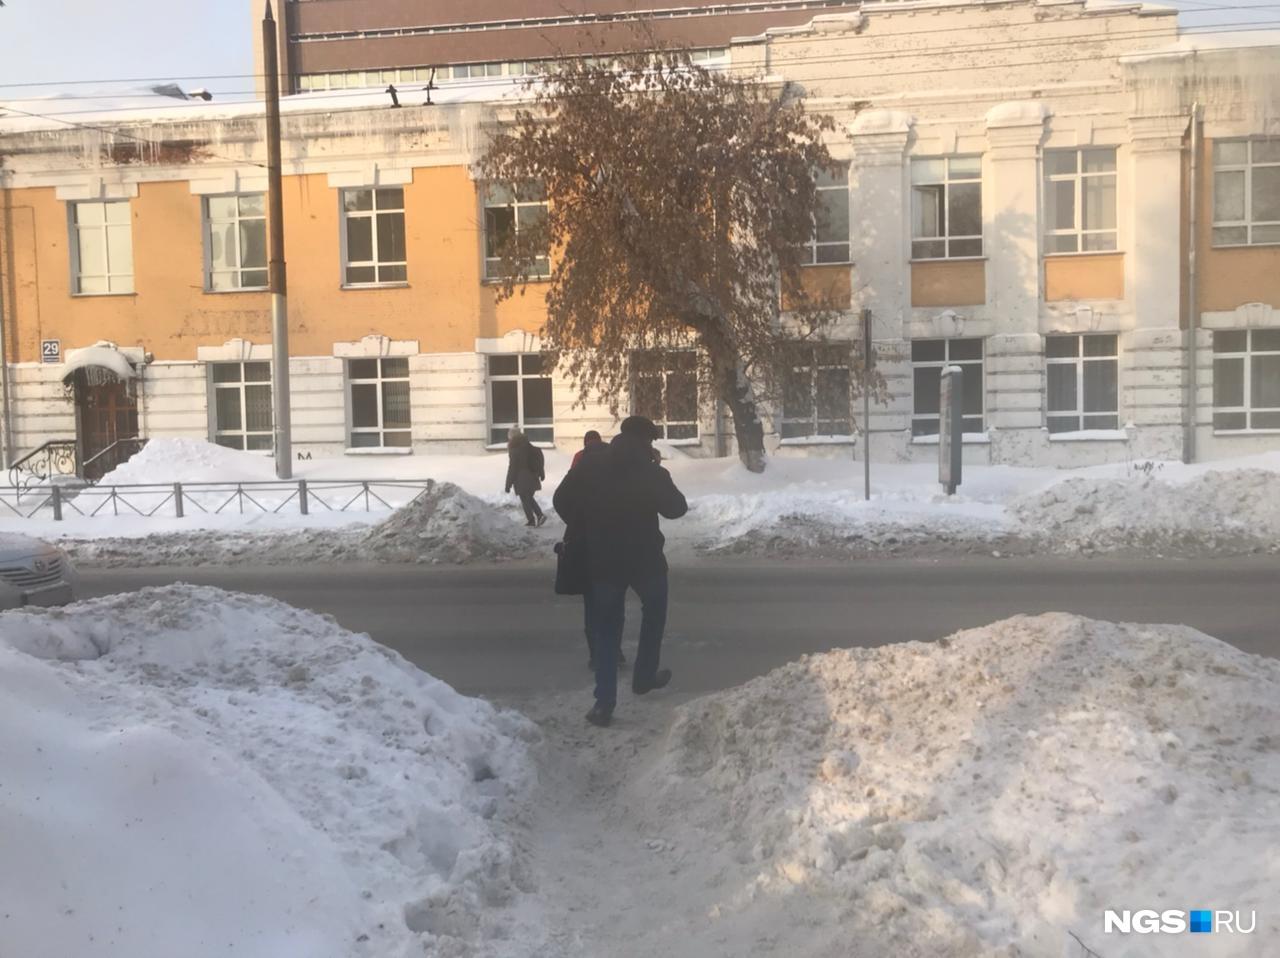 Пешеходный переход возле Первомайского перенесли. Осенью тут забыли сделать пандусы, а зимой — сделать проход в сугробе